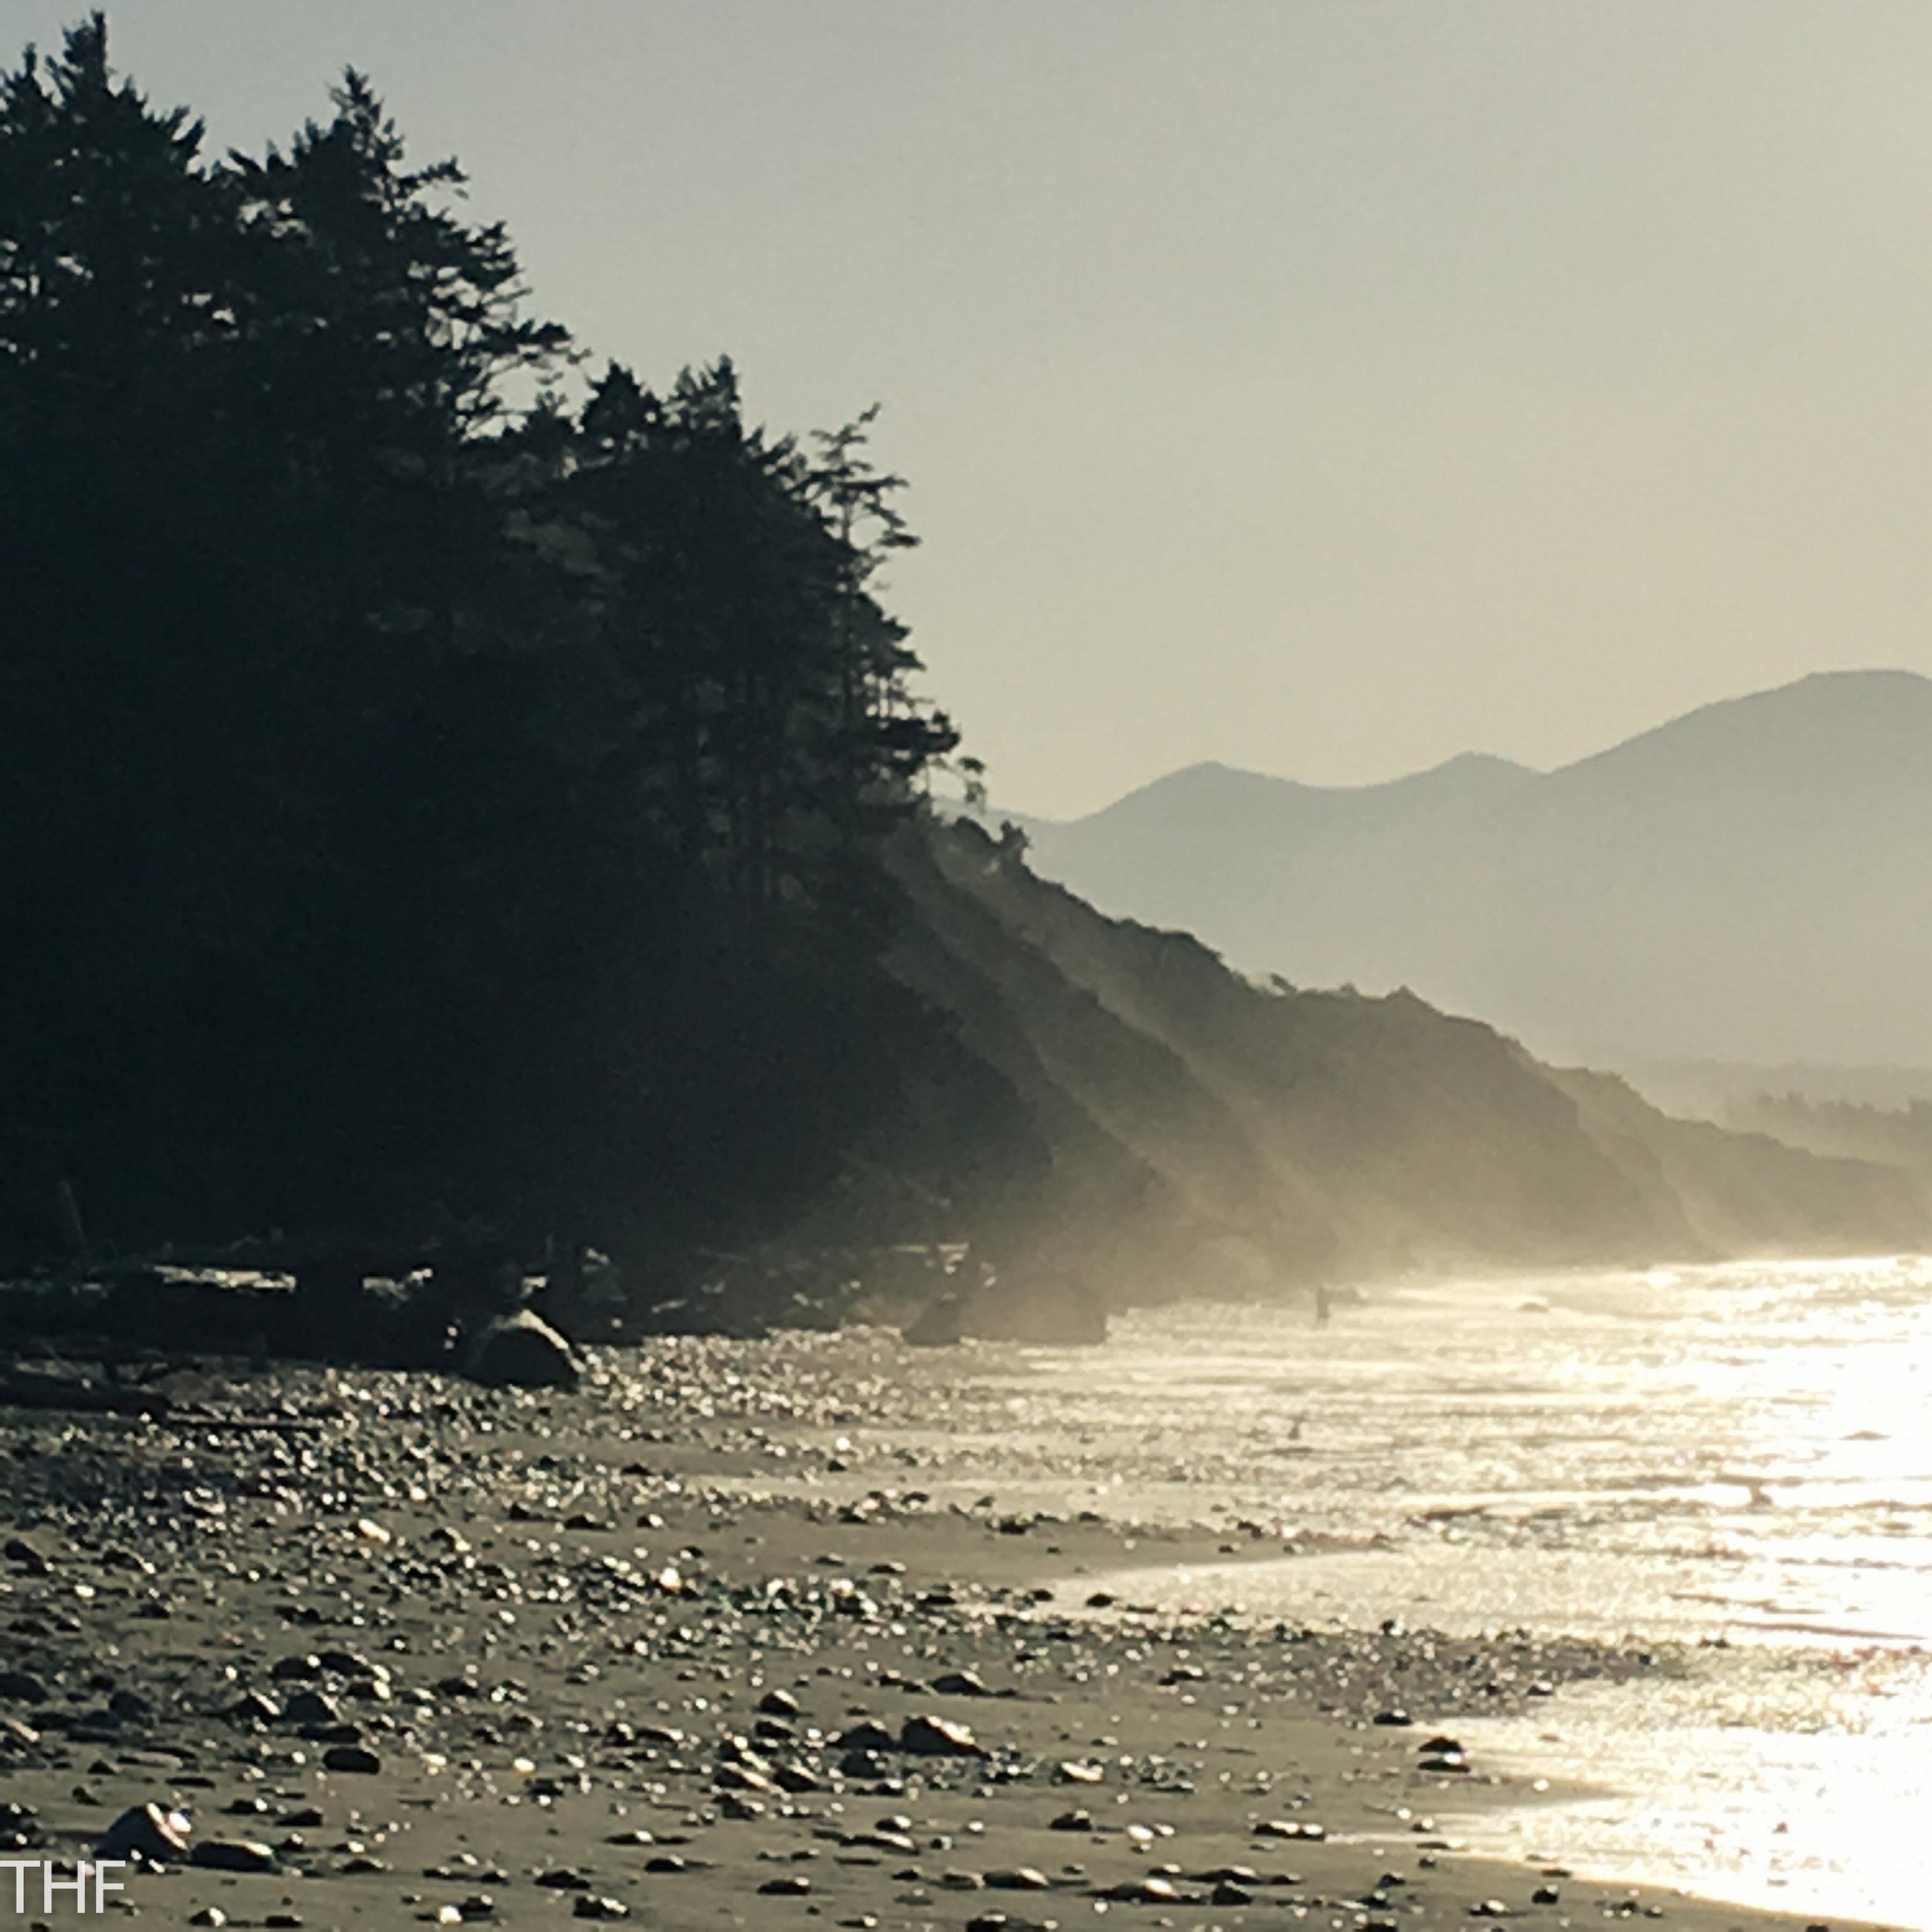 mountain shoreline0001-2.jpg